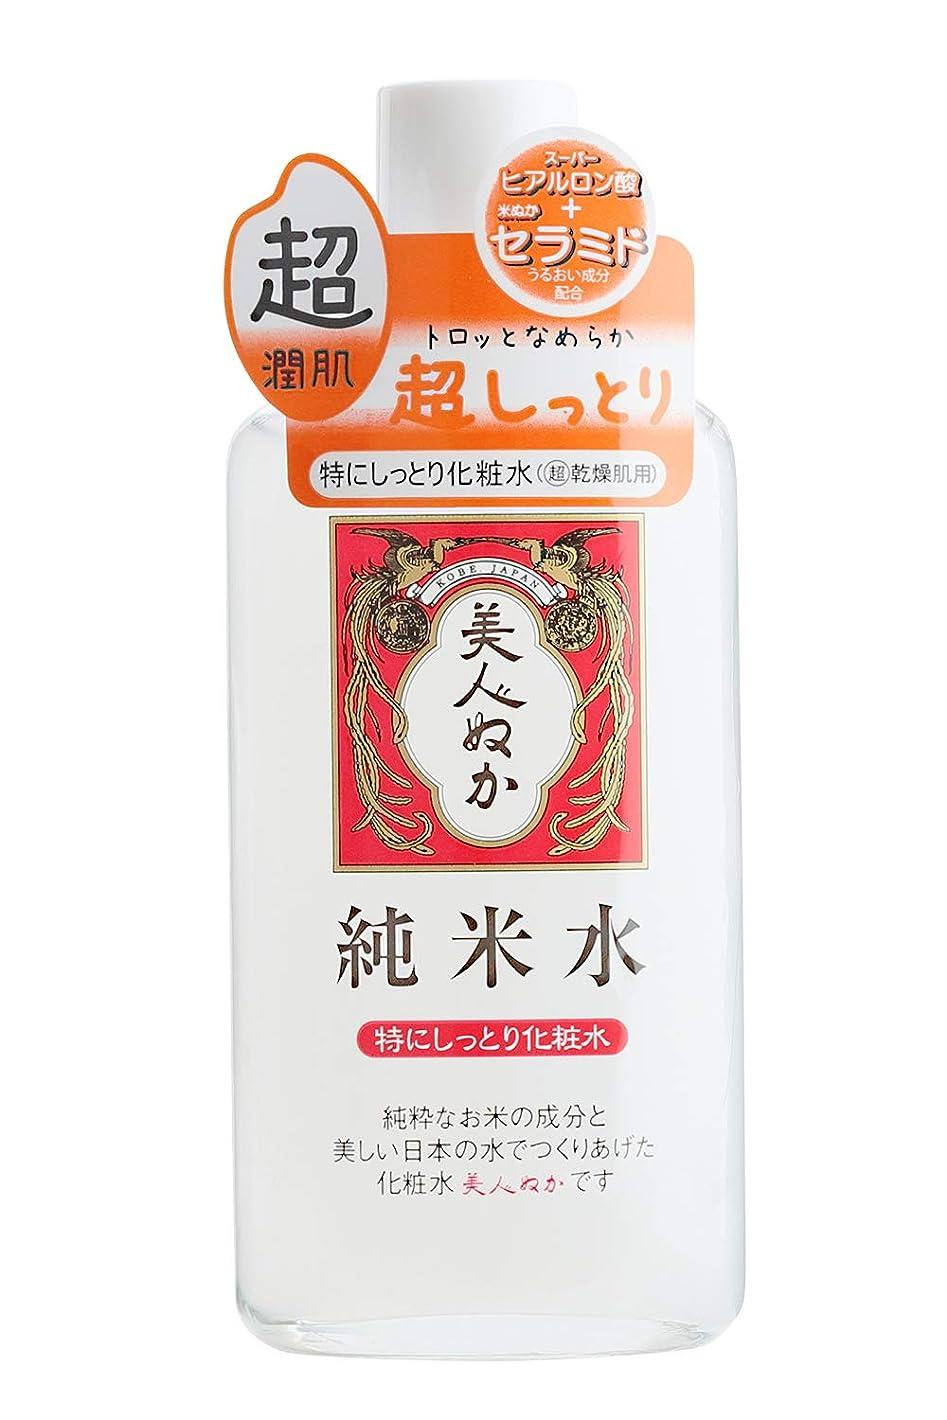 散文福祉思い出す美人ぬか 純米水特にしっとり化粧水 130ml